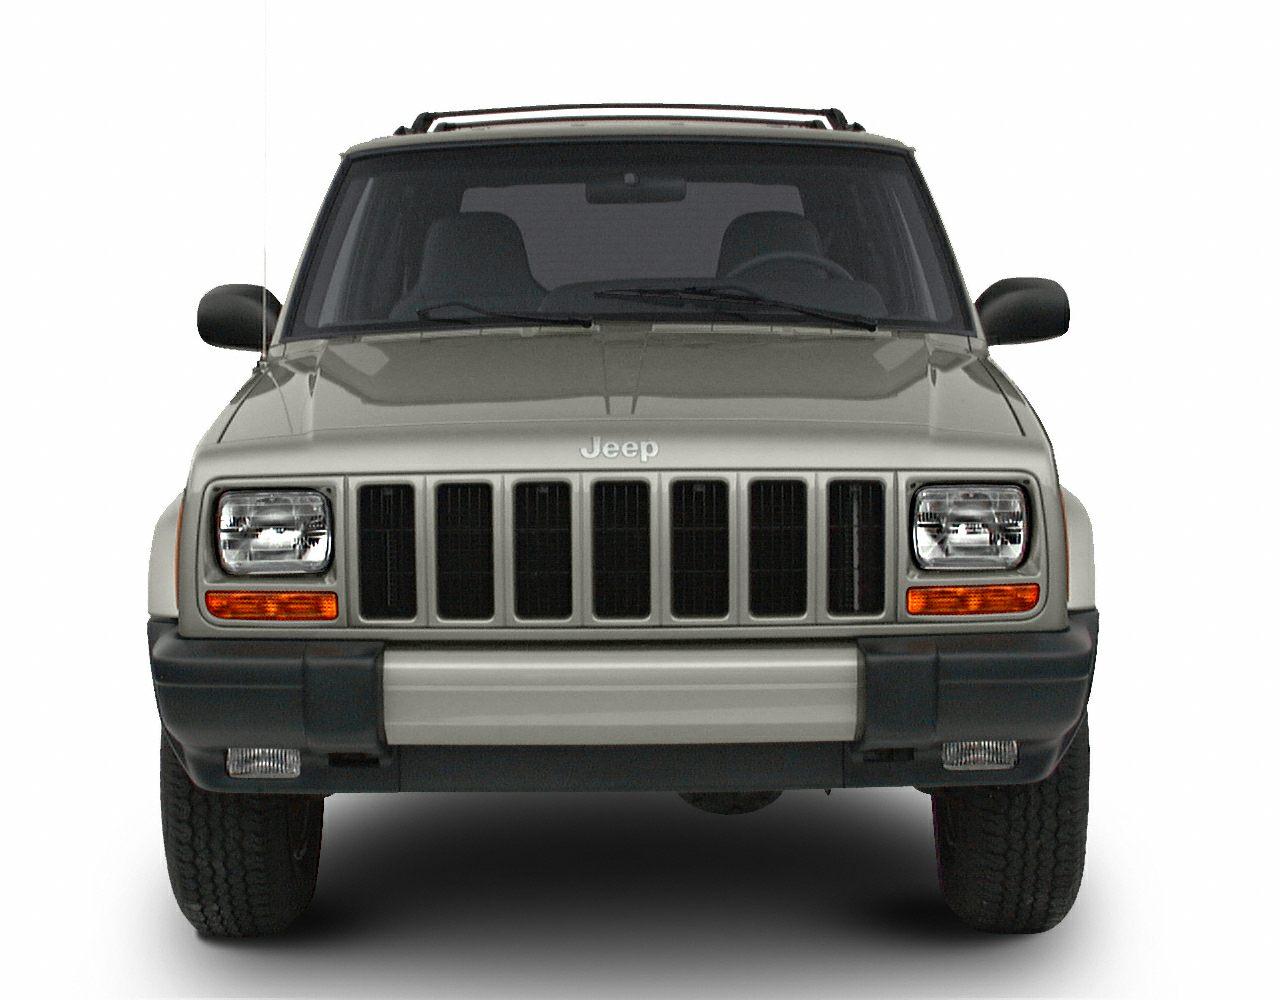 2000 Jeep Cherokee Exterior Photo